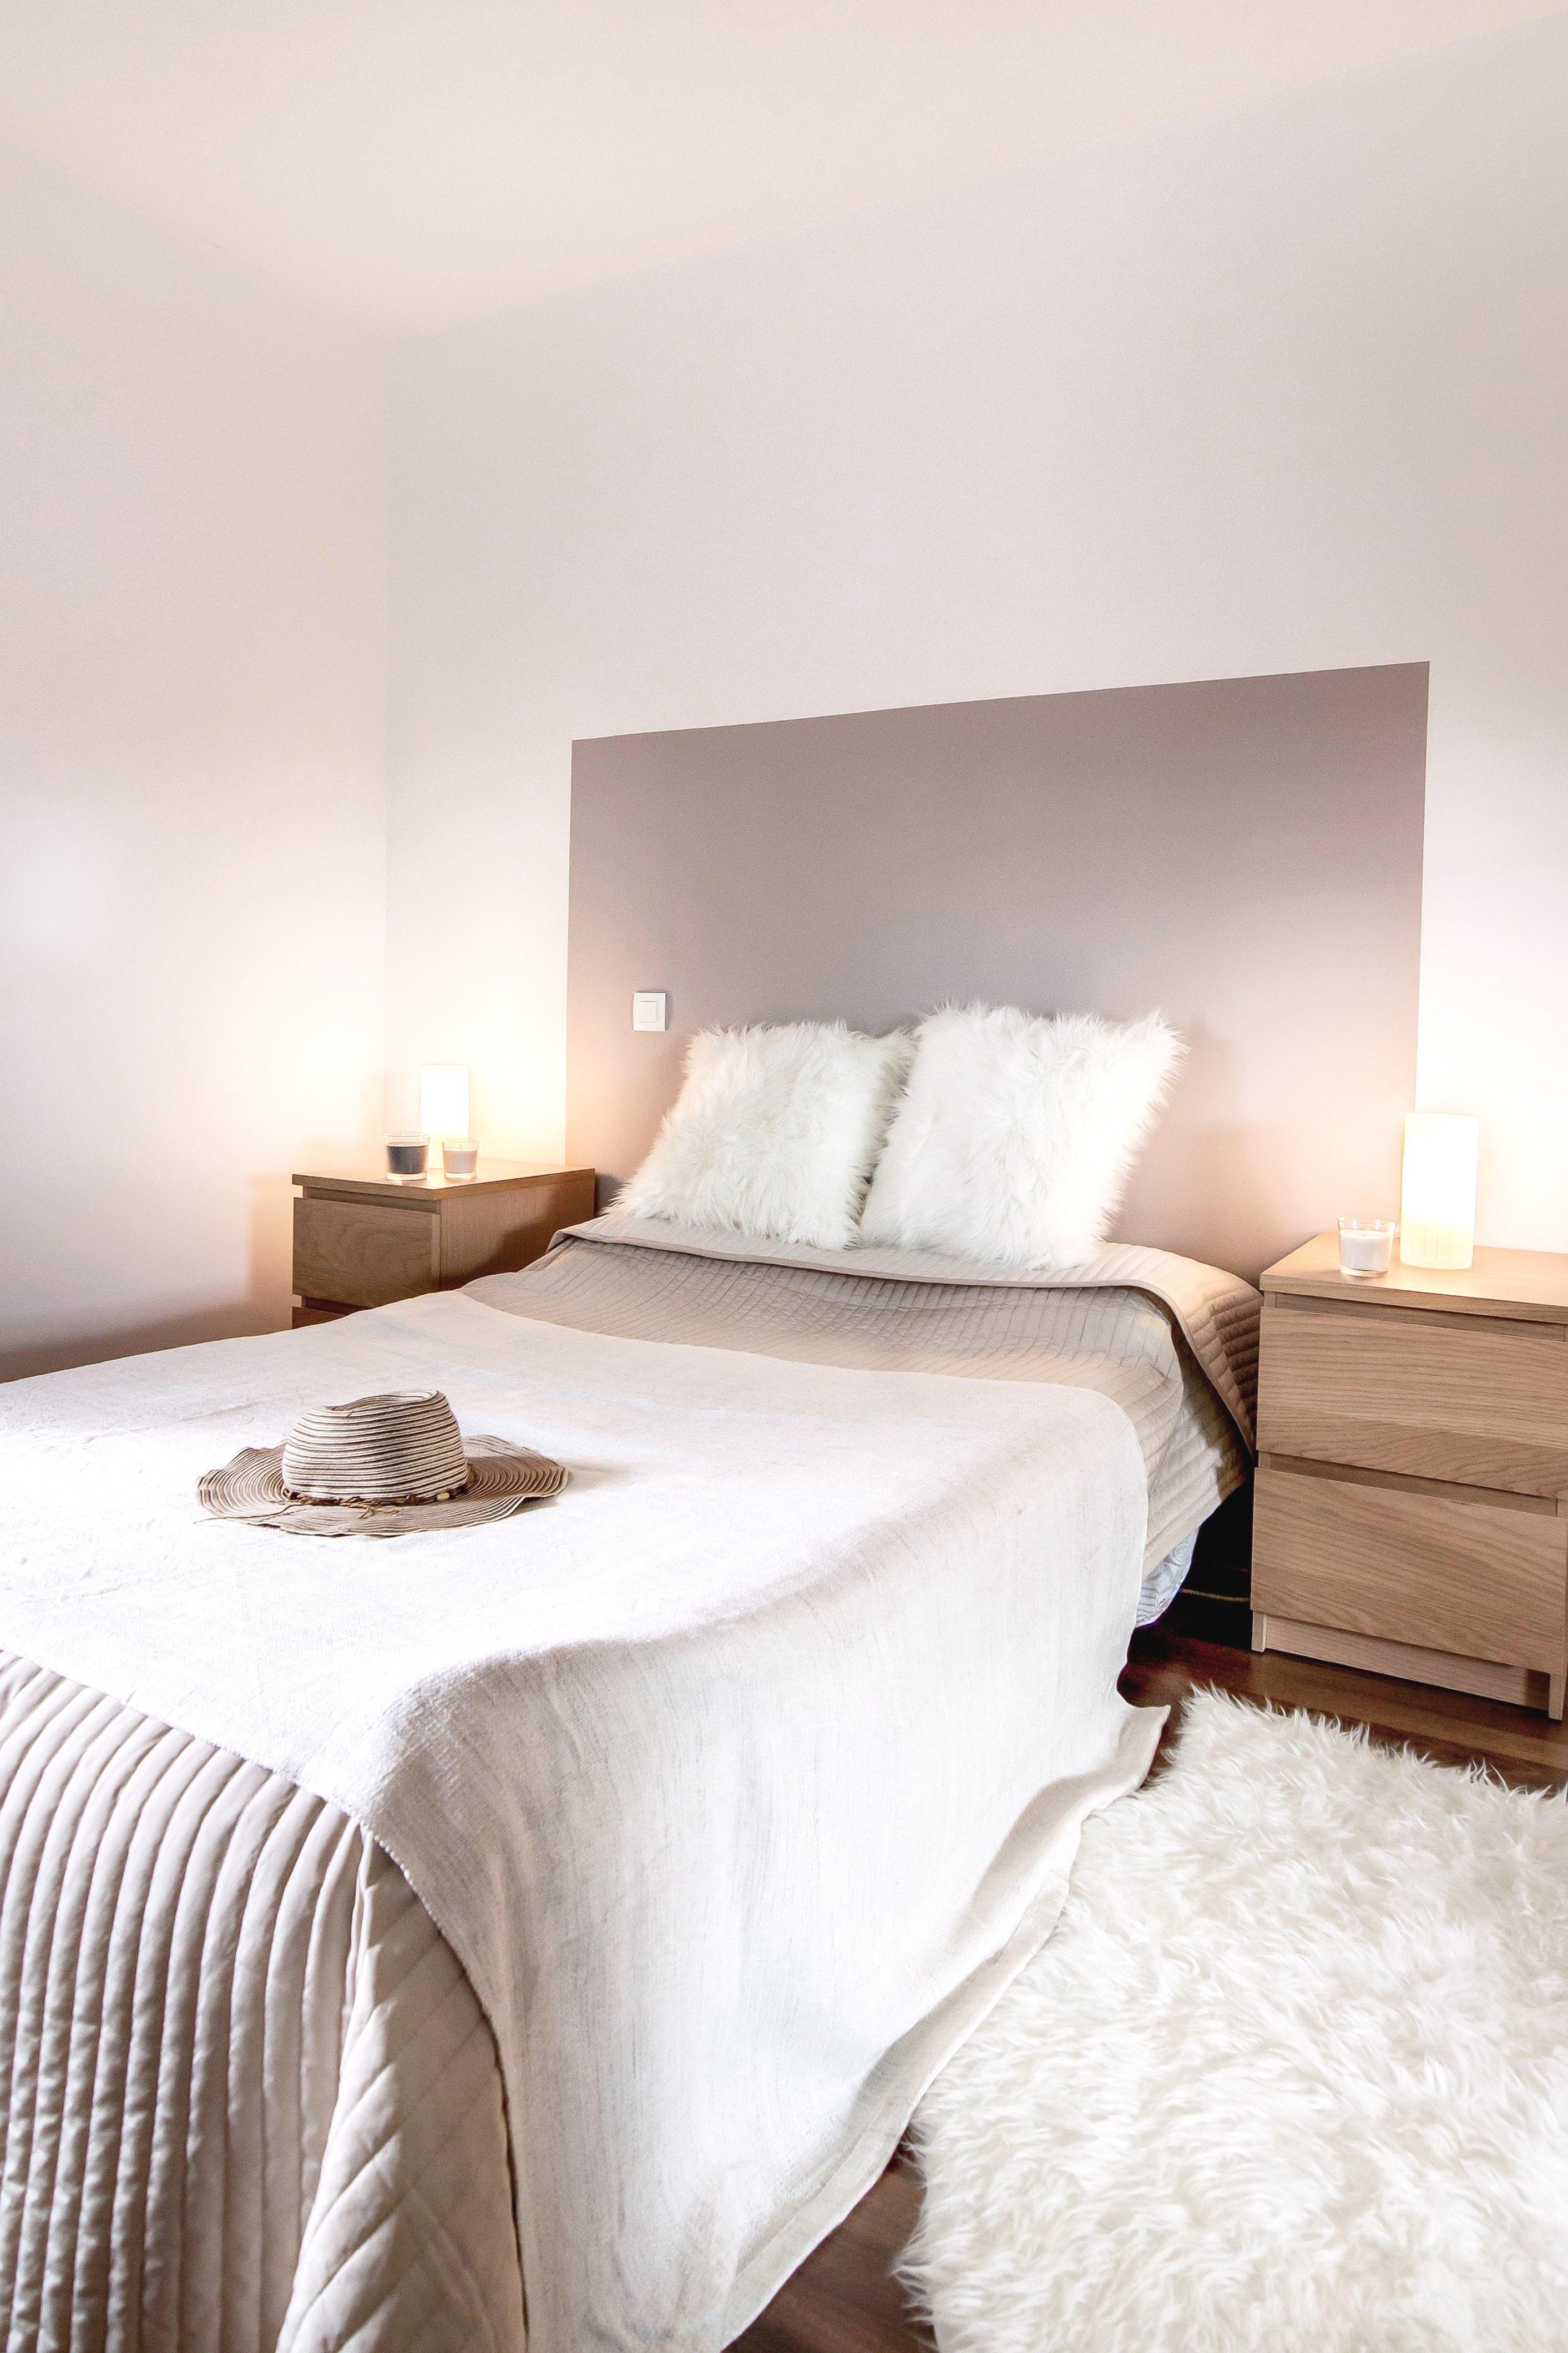 Parure Lit 200x200 Charmant Lit 200 215 200 Ikea Lit Canape Canape Lit Lit Canape Parure Lit